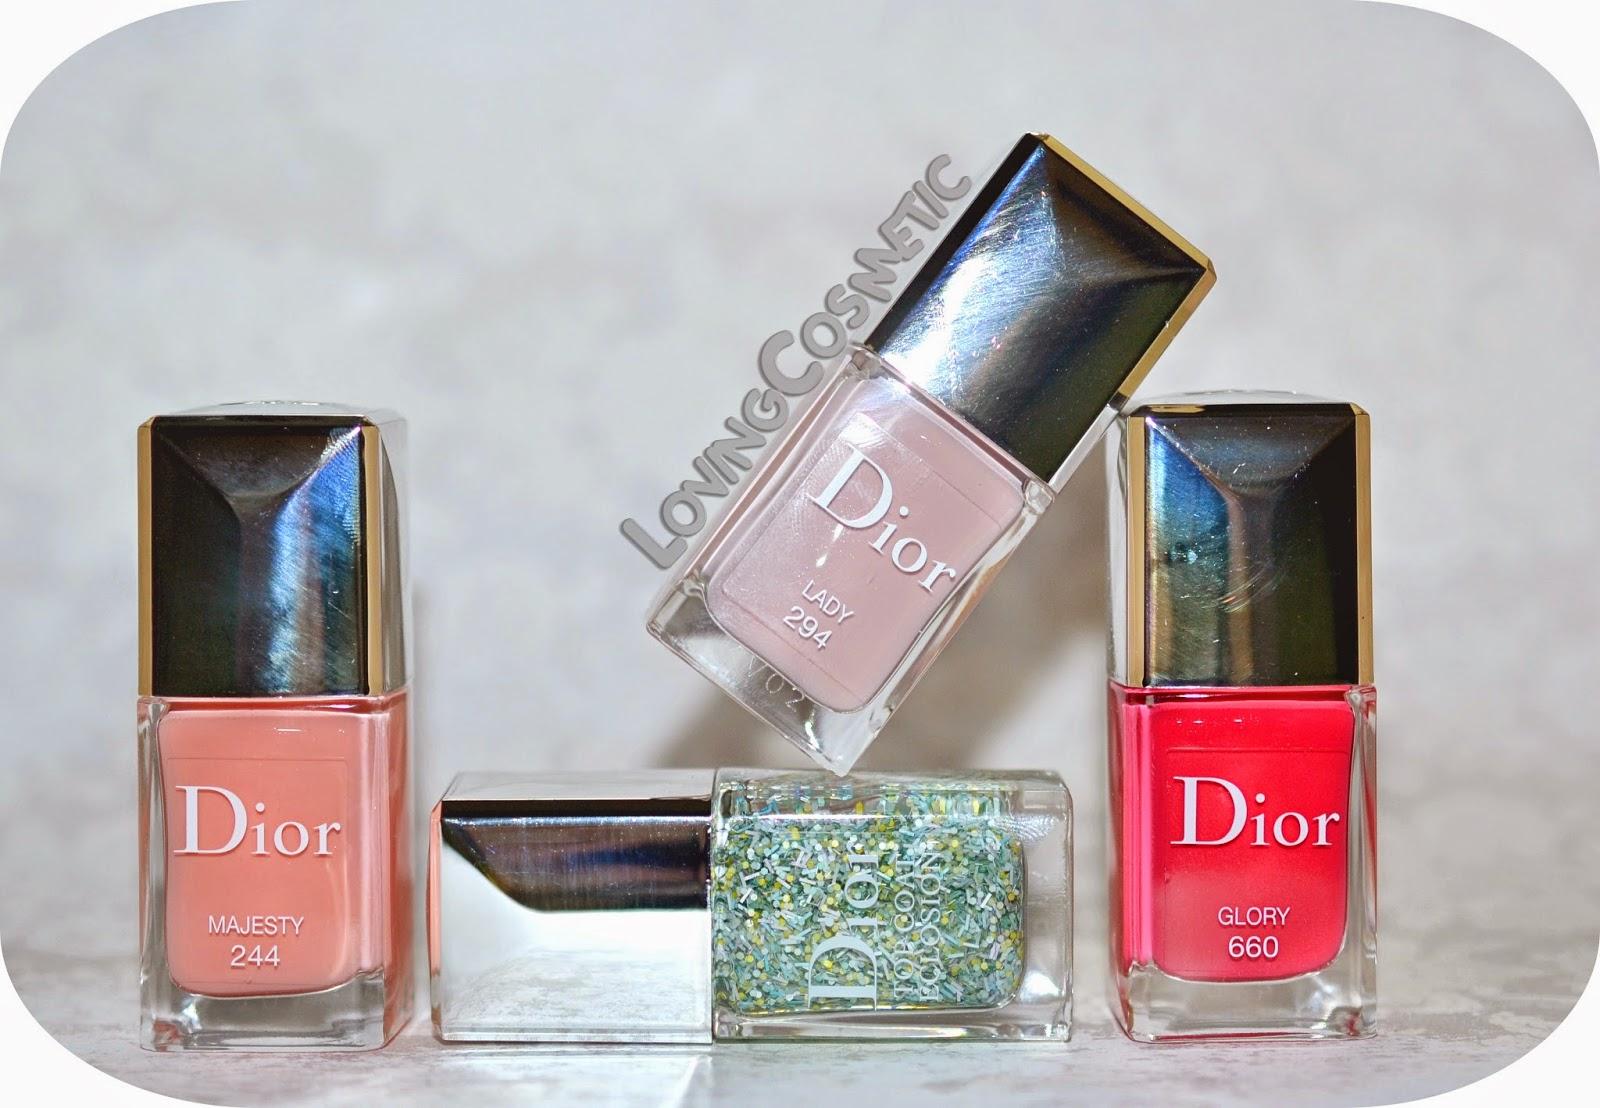 Kingdom of colors dior coleccion primavera 2015 dior vernis esmalte uñas